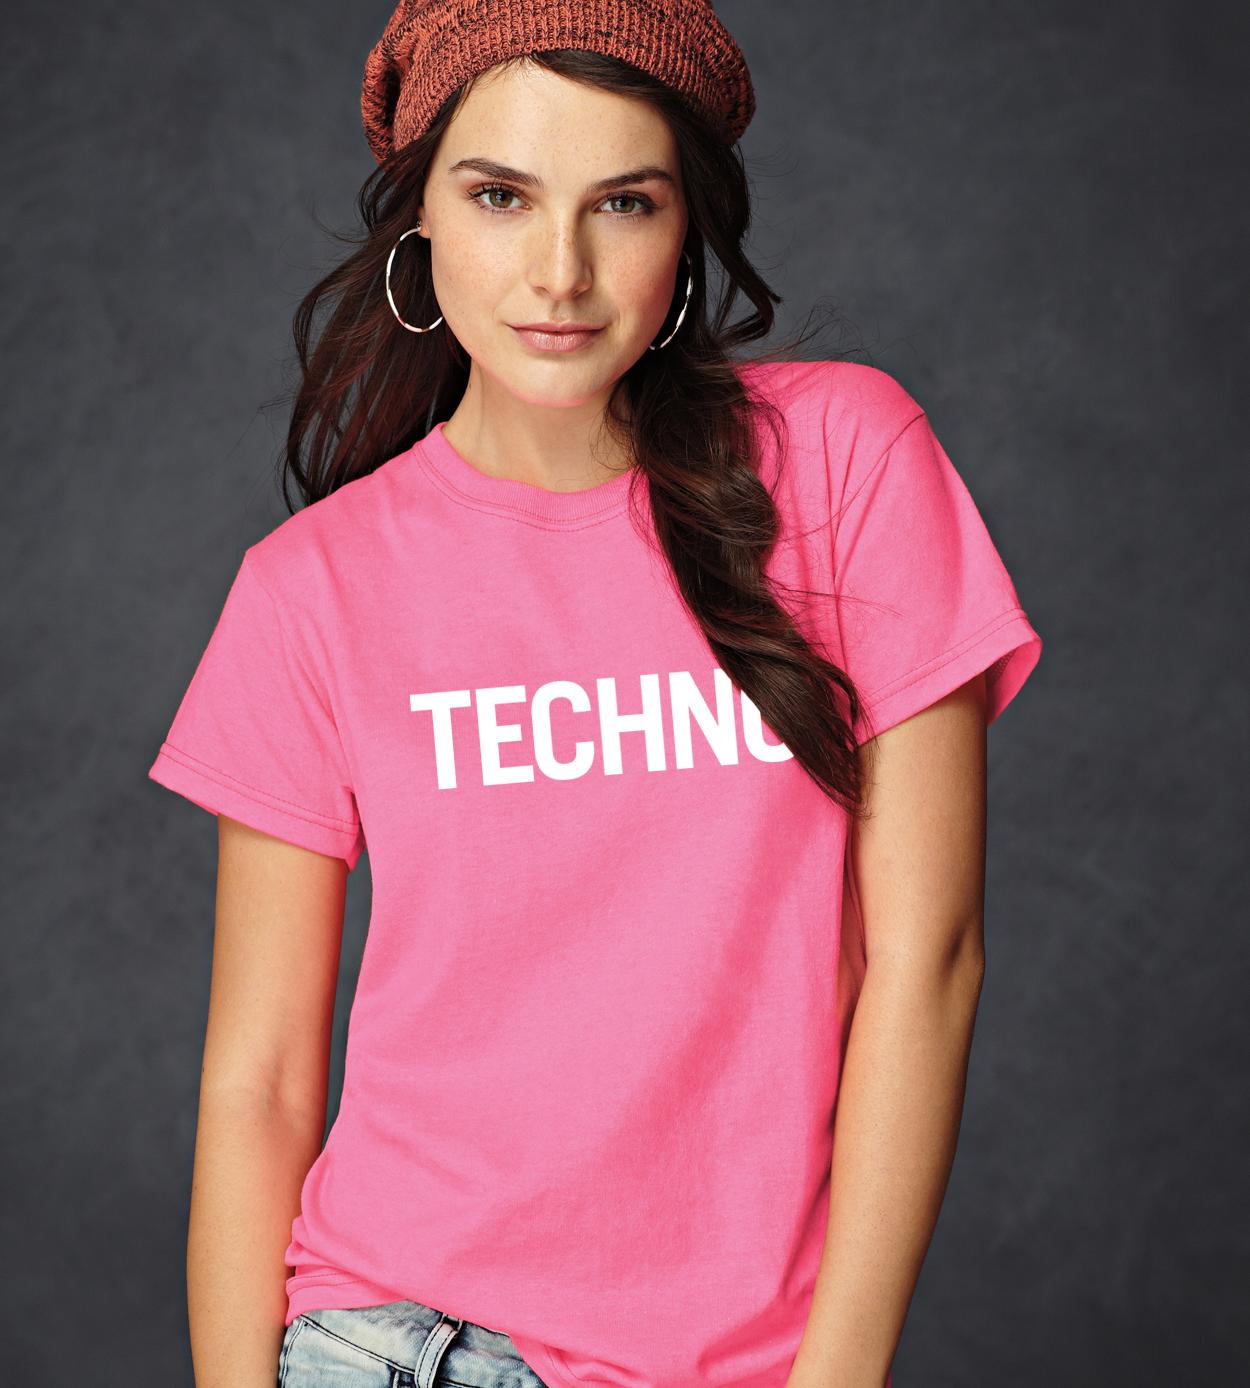 TECHNO Női Póló - TECHNO STYLE e1f4cd4db8